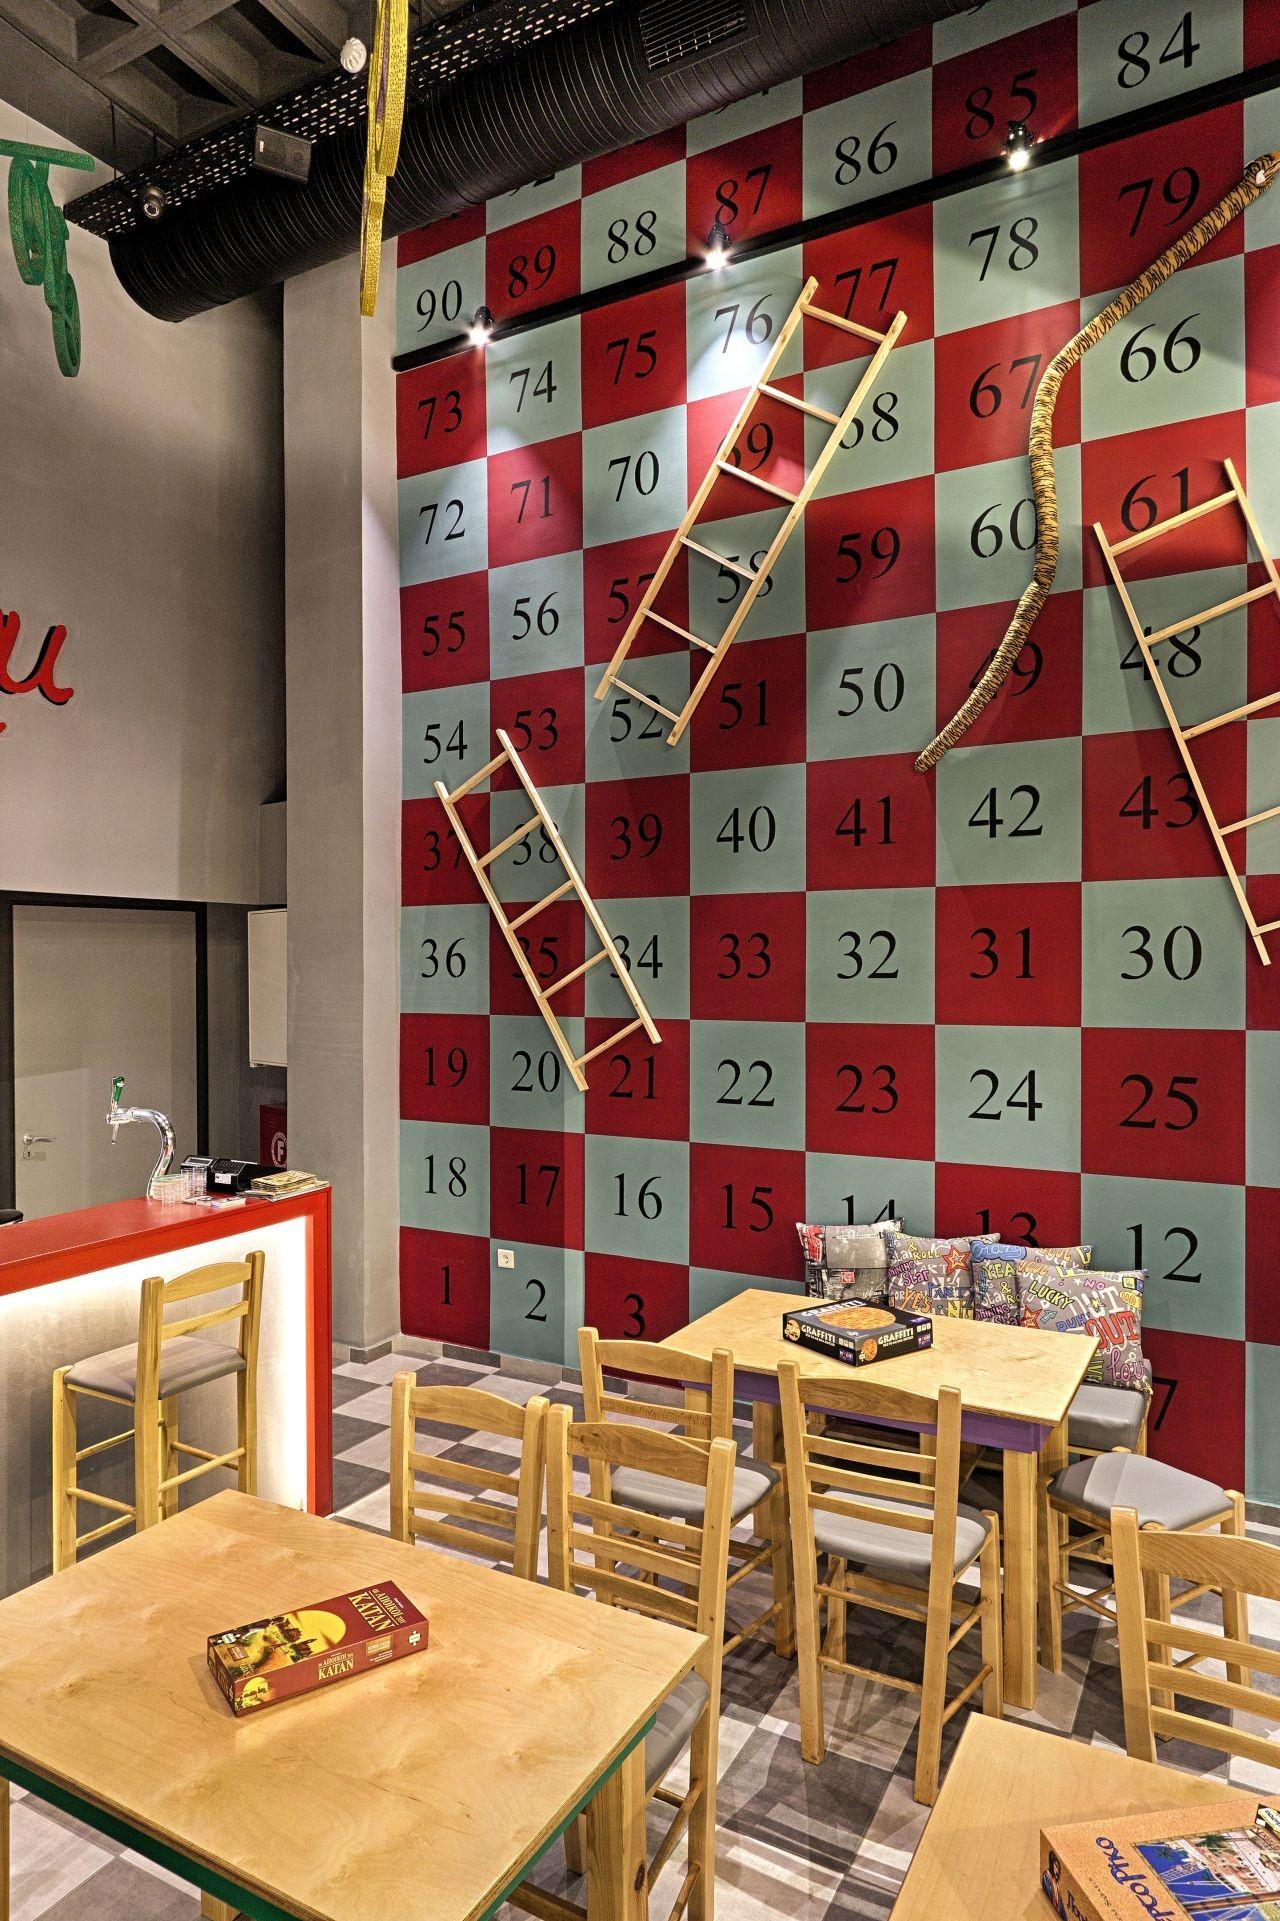 Galeria De Caf E Salo Jogos Tabuleiro Alaloum